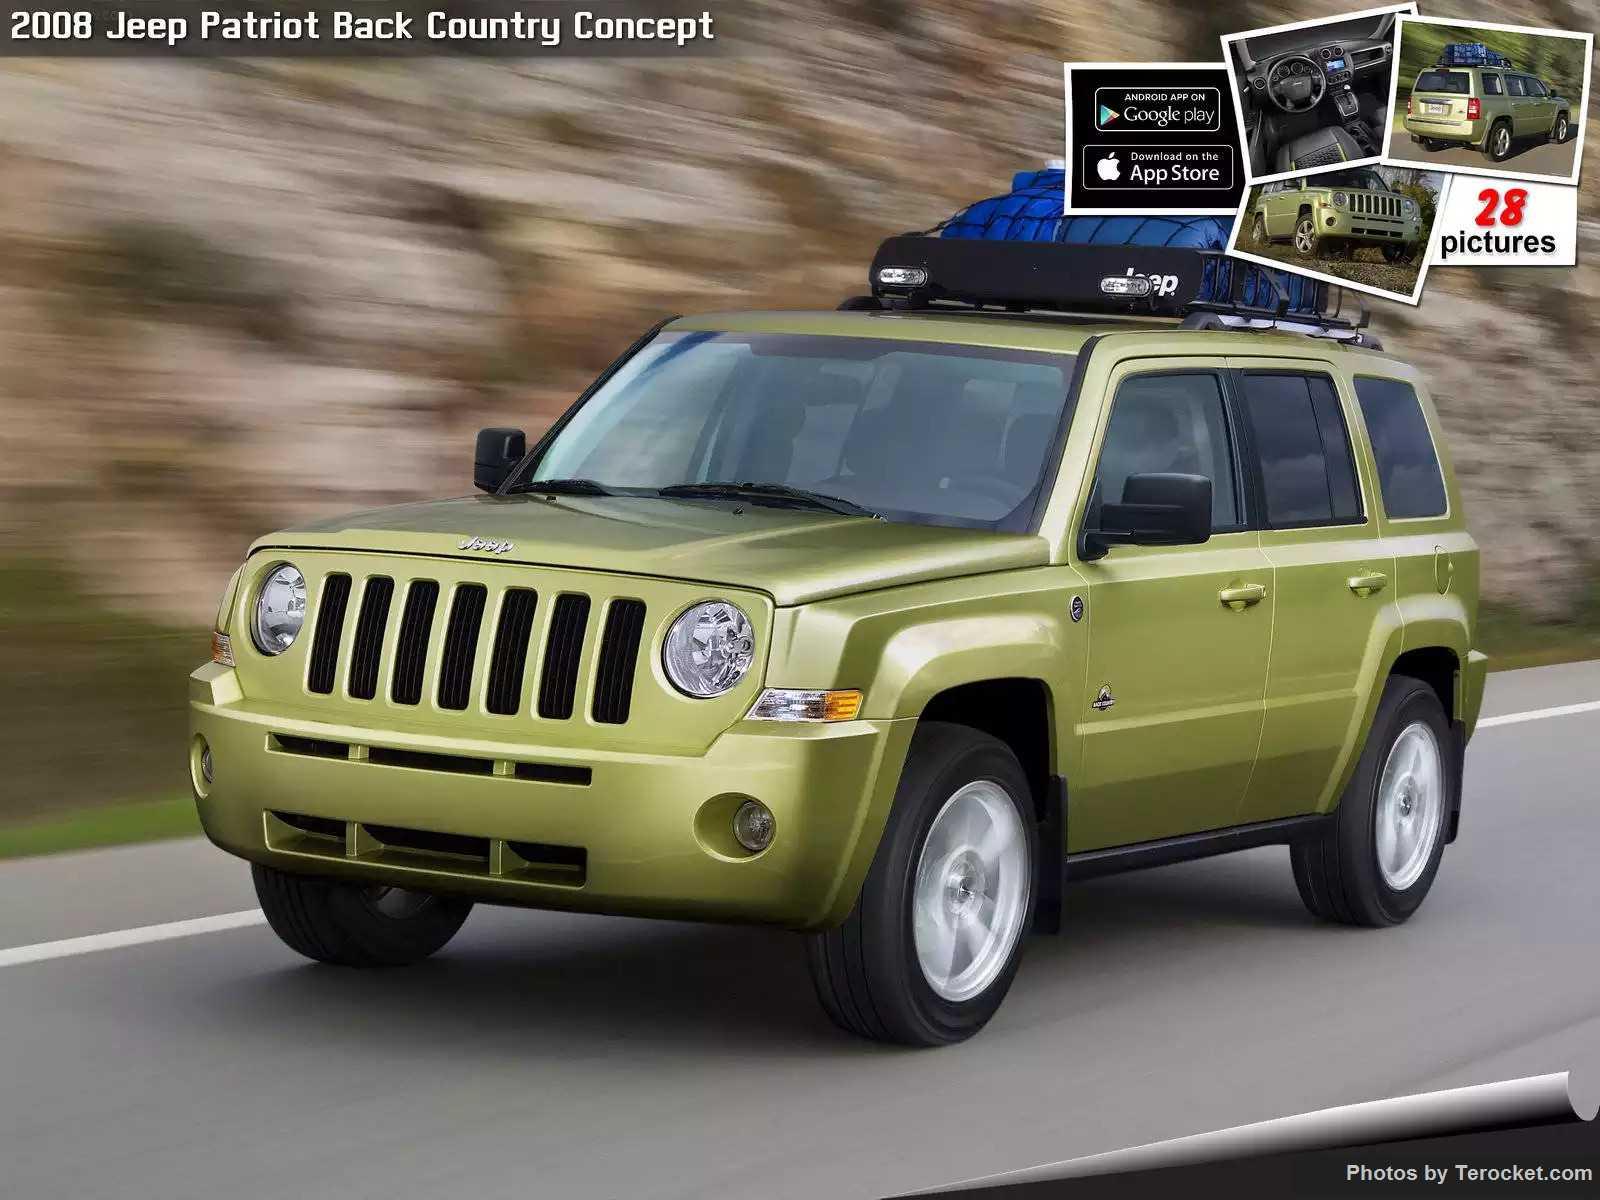 Hình ảnh xe ô tô Jeep Patriot Back Country Concept 2008 & nội ngoại thất